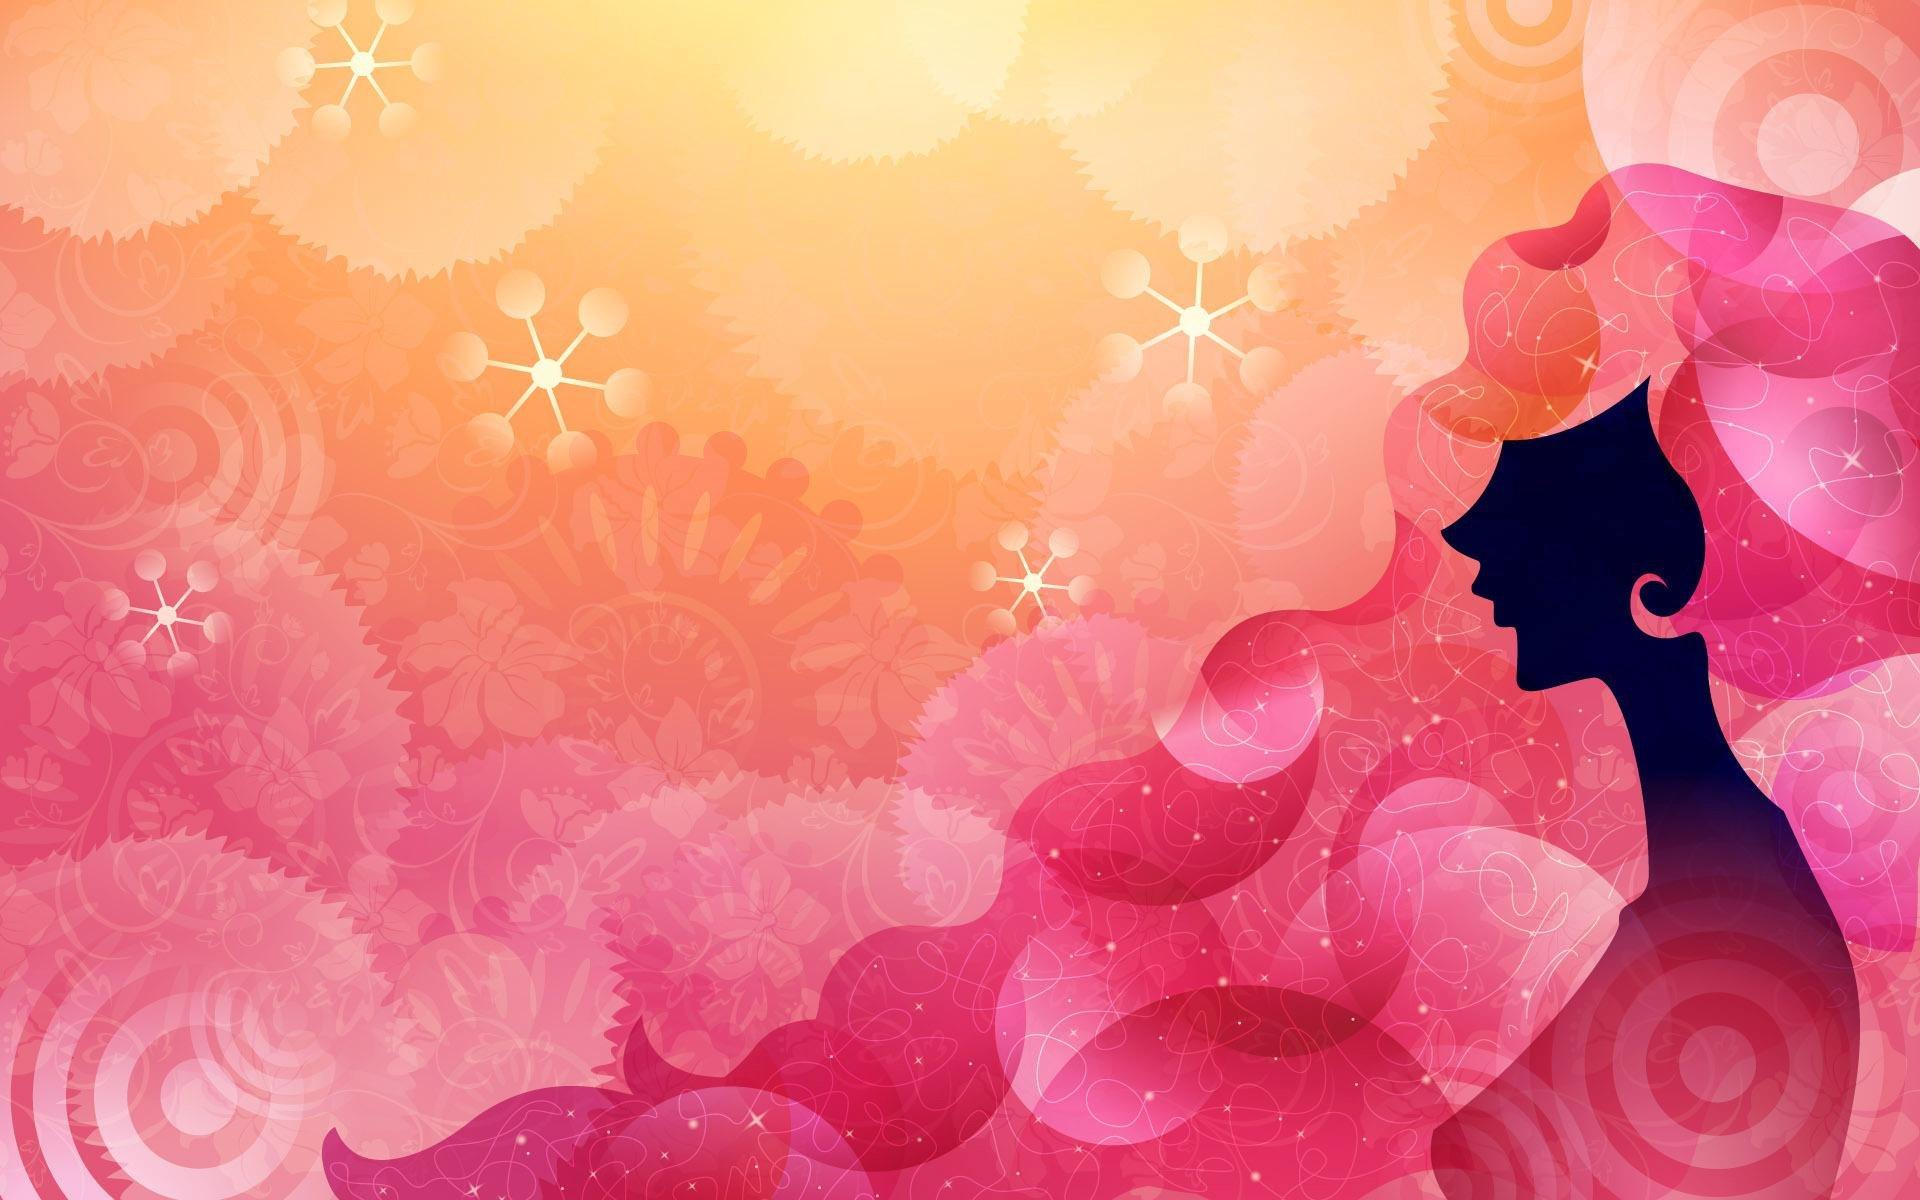 Фоновые картинки для салона красоты